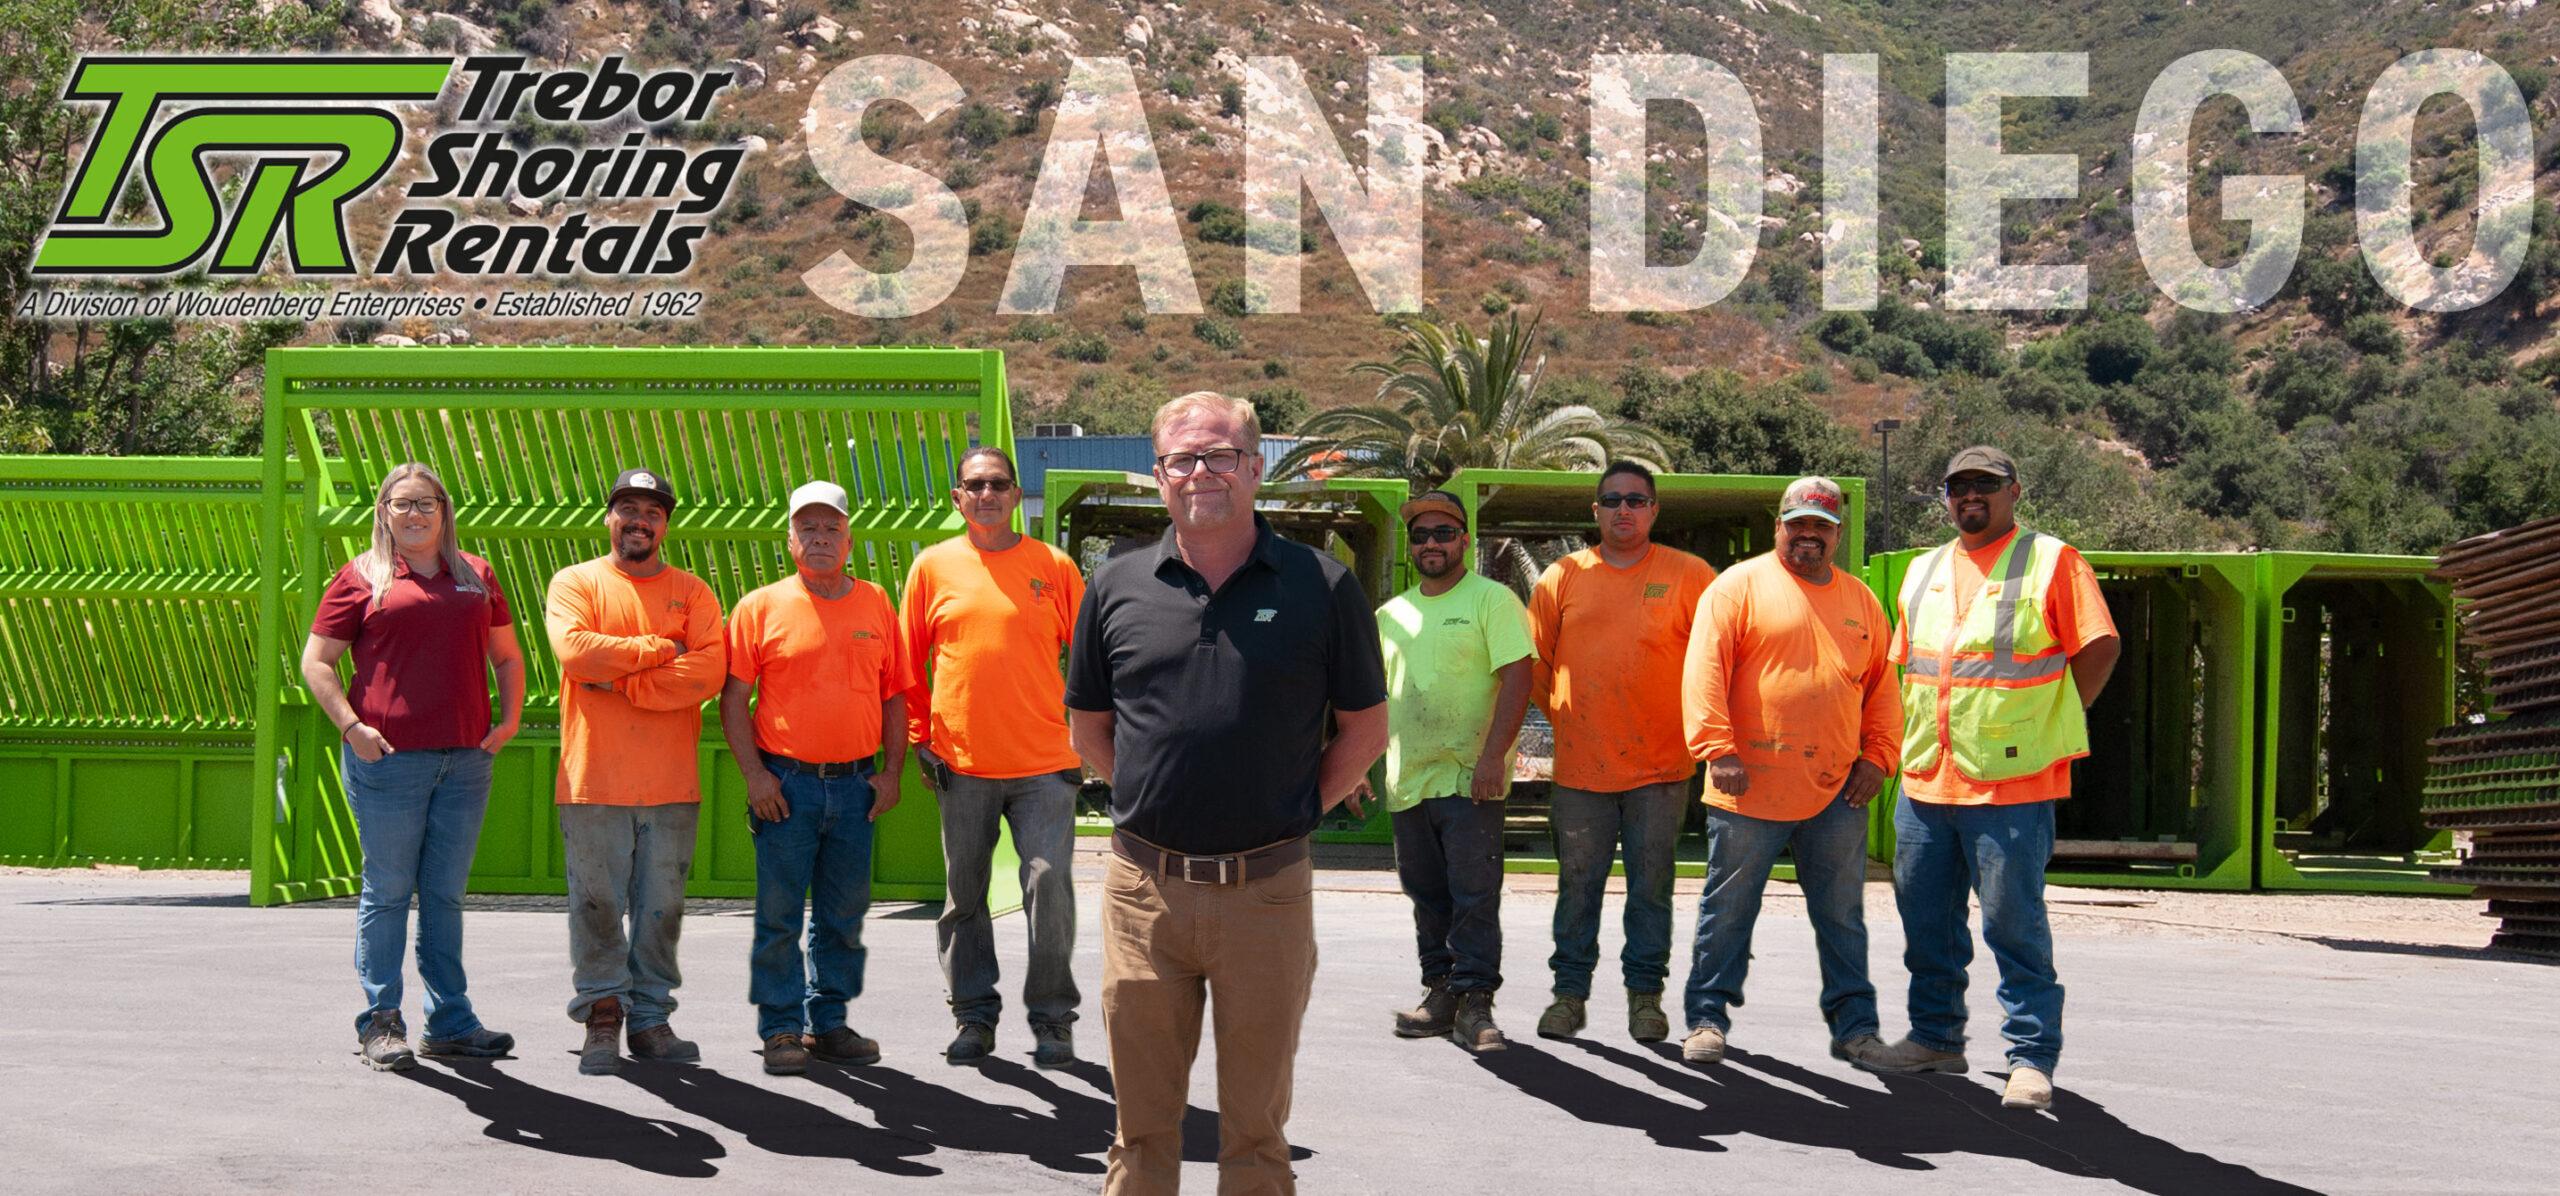 San Diego Trebor Shoring Rentals